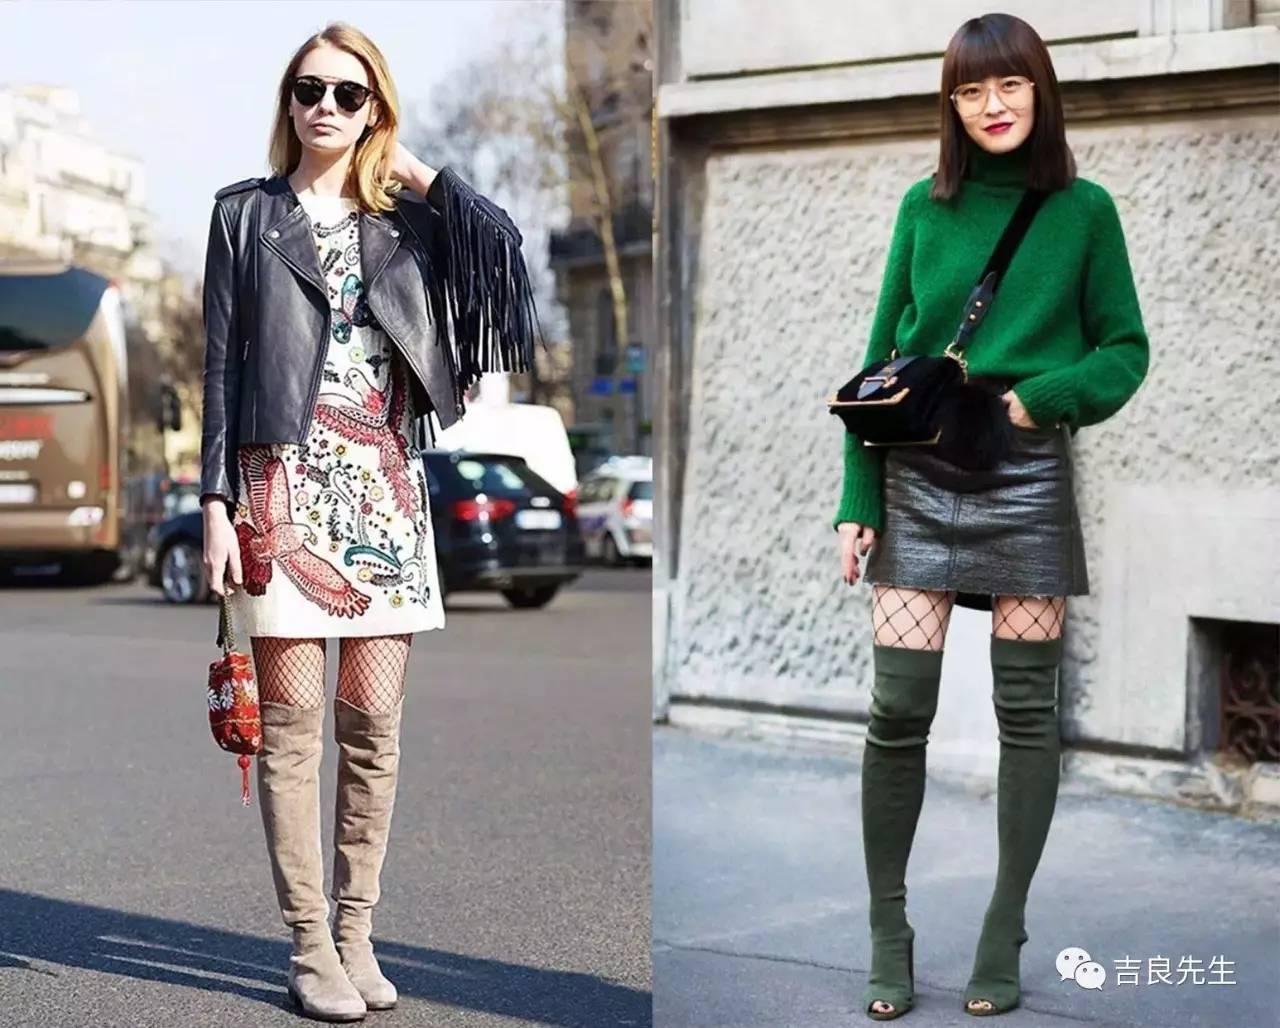 网袜这货到底是怎么红起来的?备受争议icon级时尚单品 风格偶像 图28